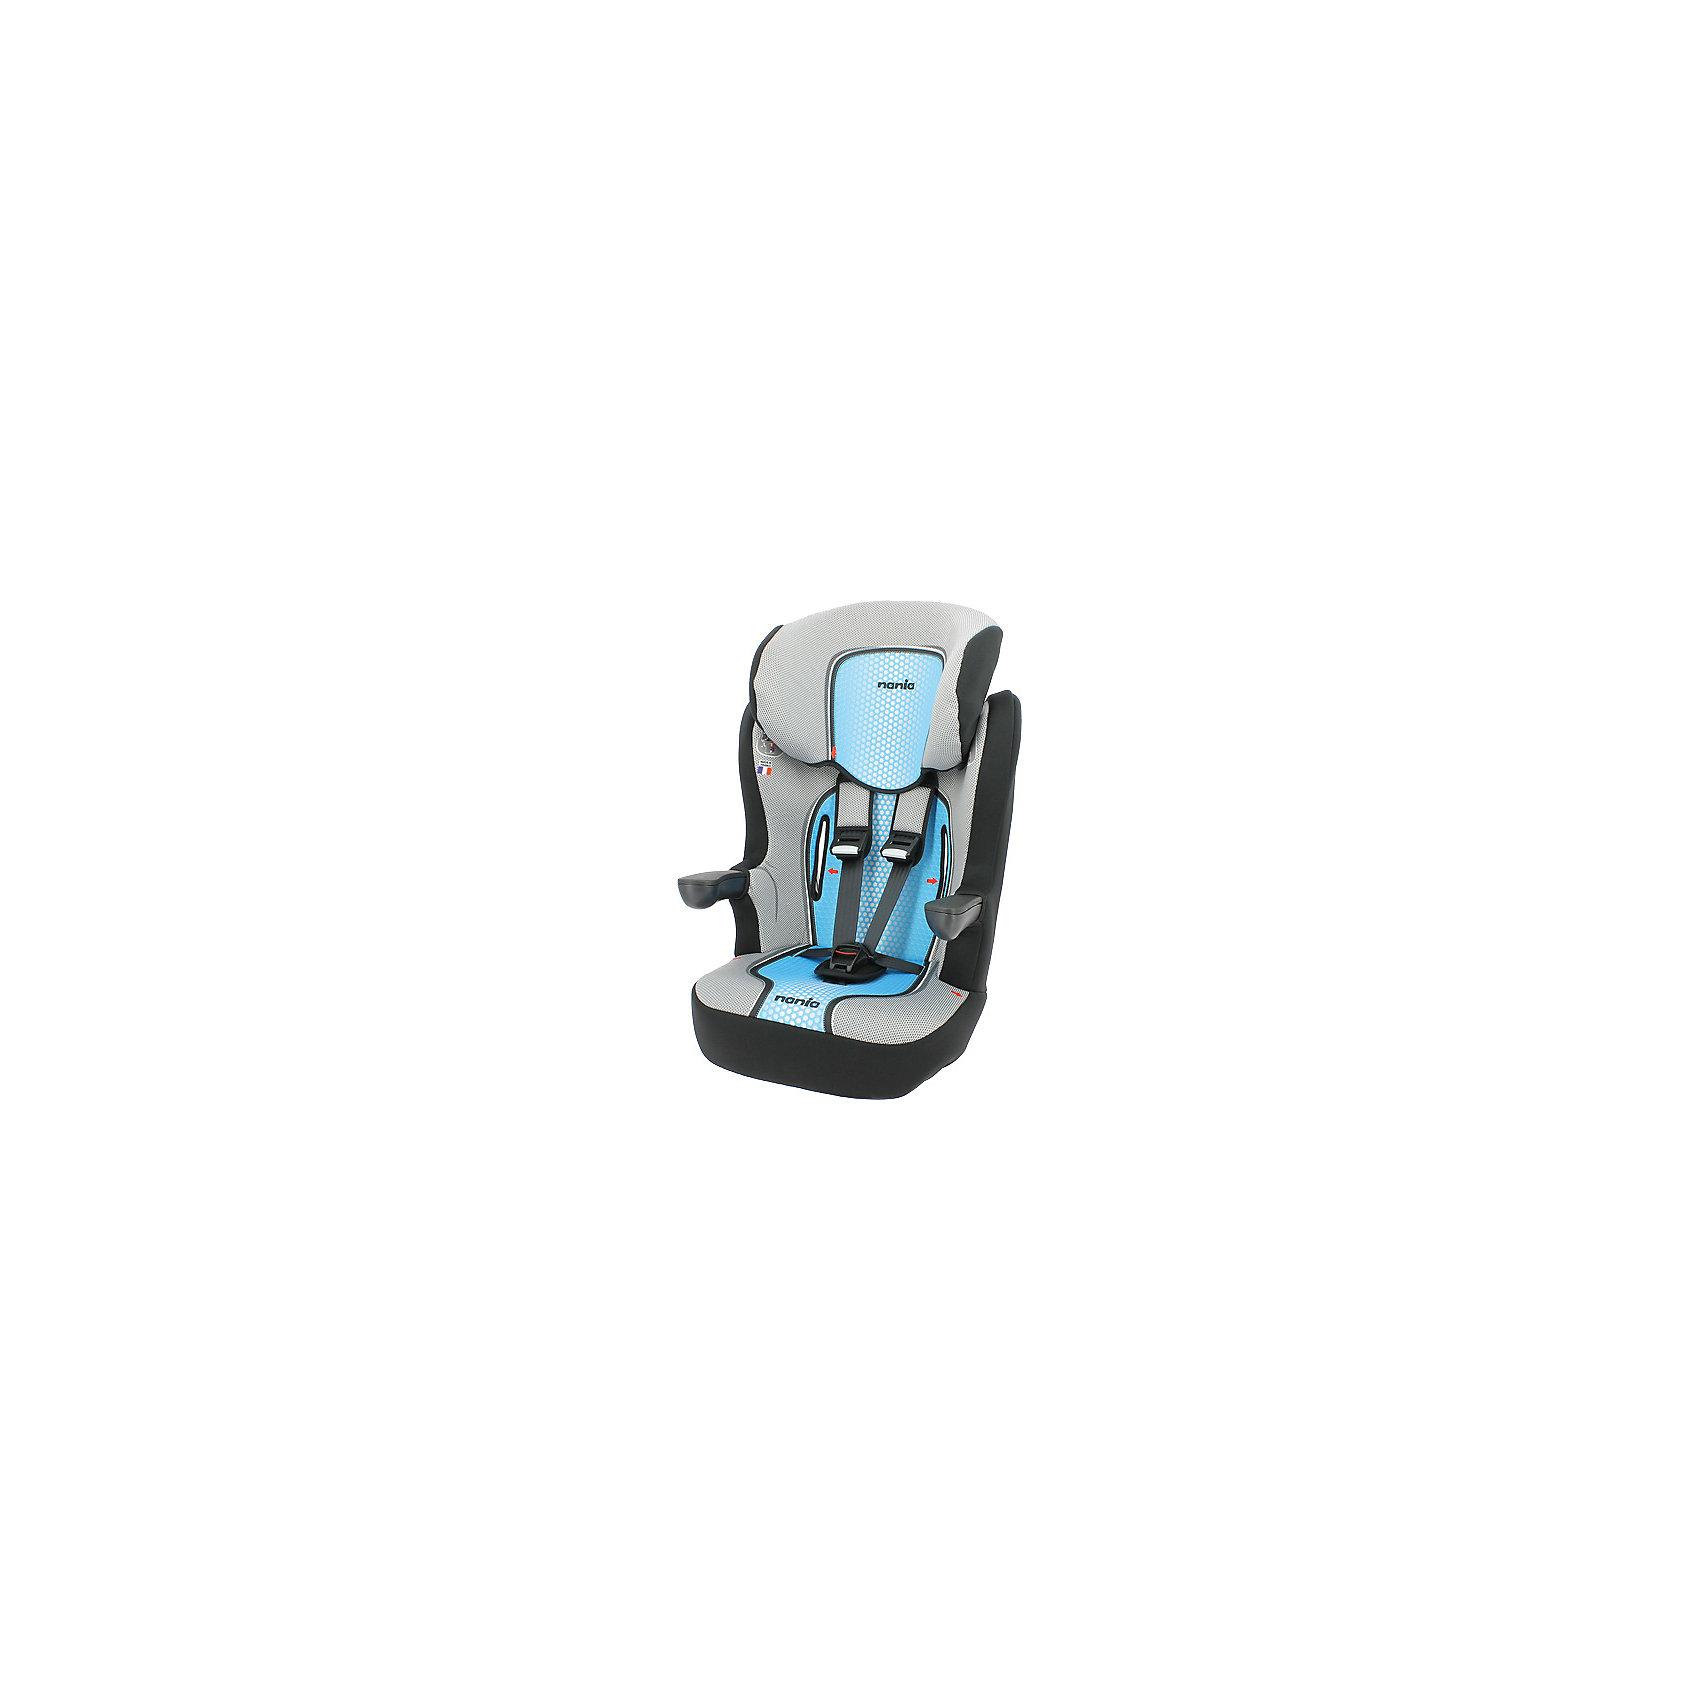 Автокресло Nania Imax SP FST 9-36 кг, pop blueГруппа 1-2-3 (От 9 до 36 кг)<br>Качественное высокотехнологичное автокресло Imax SP FST от Nania позволит перевозить ребенка, не беспокоясь при этом о его безопасности. Оно предназначено для детей весом от 9 до 36 килограмм. Такое кресло обеспечит малышу не только безопасность, но и комфорт. Ребенок закрепляется  штатными автомобильными ремнями безопасности.<br>Автокресло устанавливают по ходу движения. Высокий уровень безопасности обеспечен благодаря цельному литому корпусу и продуманной конструкции автокресла. Такое кресло дает возможность свободно путешествовать, ездить в гости и при этом  быть рядом с малышом. Конструкция - очень удобная и прочная. Изделие произведено из качественных и безопасных для малышей материалов, оно соответствуют всем современным требованиям безопасности. Дополнено съемным чехлом, который можно стирать. Отлично показало себя на краш0тестах.<br> <br>Дополнительная информация:<br><br>цвет: голубой, черный, серый;<br>материал: текстиль, пластик;<br>вес ребенка:  9 до 36 кг;<br>вес кресла: 10,5 кг;<br>литой корпус;<br>съемный чехол.<br><br>Автокресло Imax SP FST от компании Nania можно купить в нашем магазине.<br><br>Ширина мм: 500<br>Глубина мм: 450<br>Высота мм: 710<br>Вес г: 10520<br>Возраст от месяцев: 9<br>Возраст до месяцев: 144<br>Пол: Унисекс<br>Возраст: Детский<br>SKU: 4860512